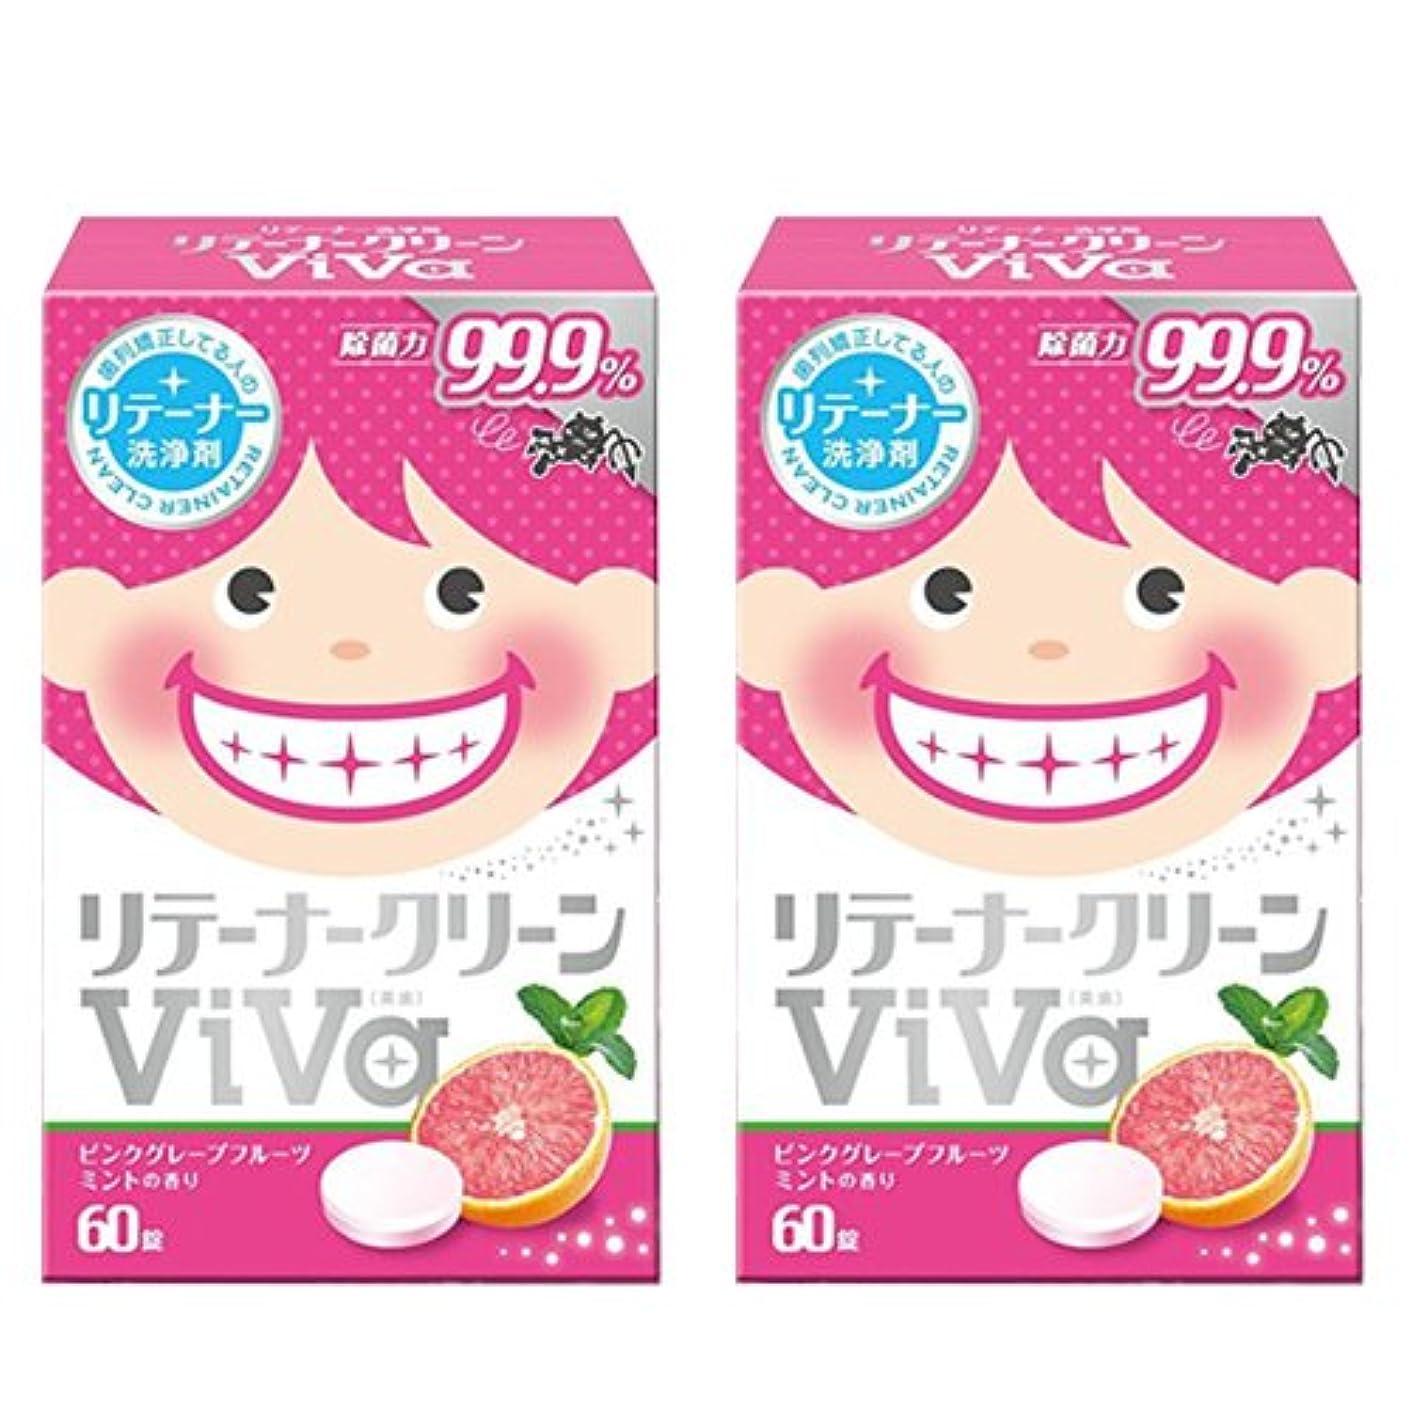 一カスケード野球リテーナークリーン ViVa 60錠 歯列矯正している人のリテーナー洗浄剤 (2箱)